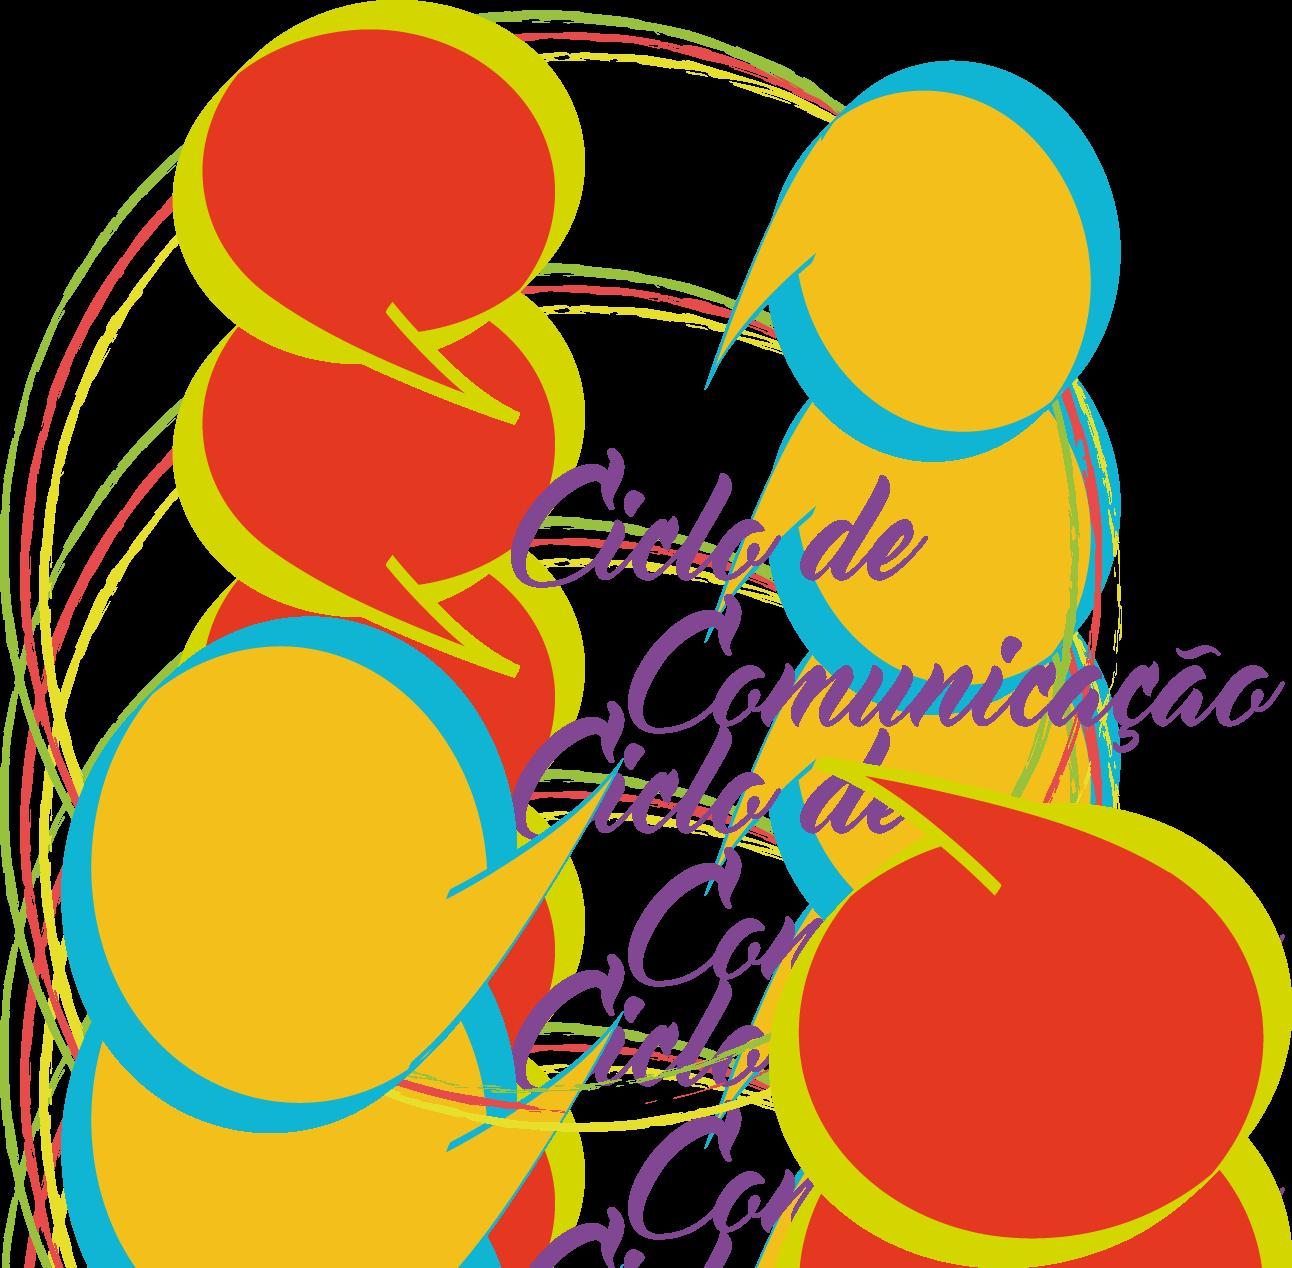 5º Ciclo de comunicação acontece nesta quarta-feira